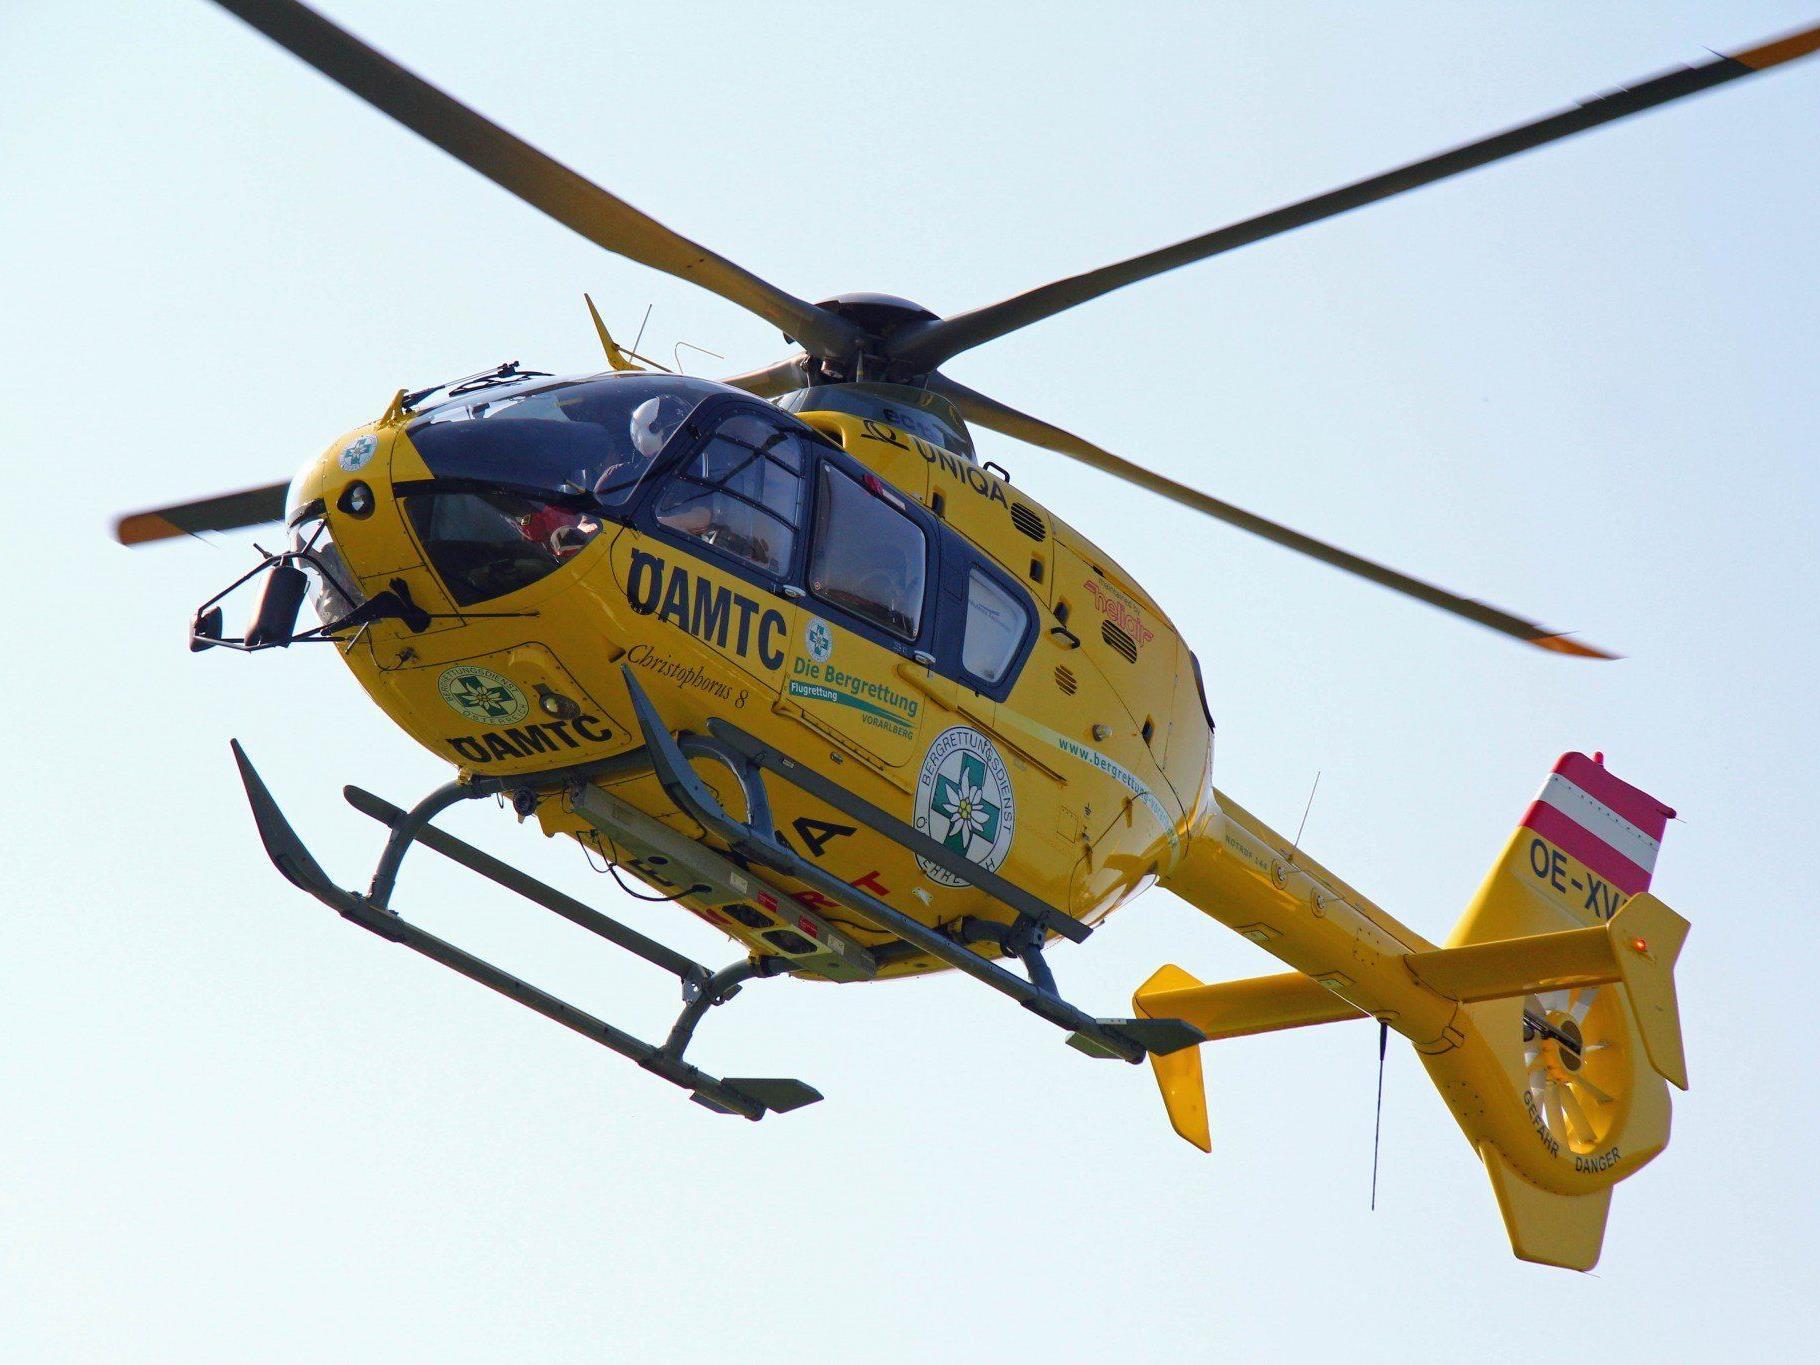 Der Verletzte wurde mittels Helikopterseilbergung geborgen.